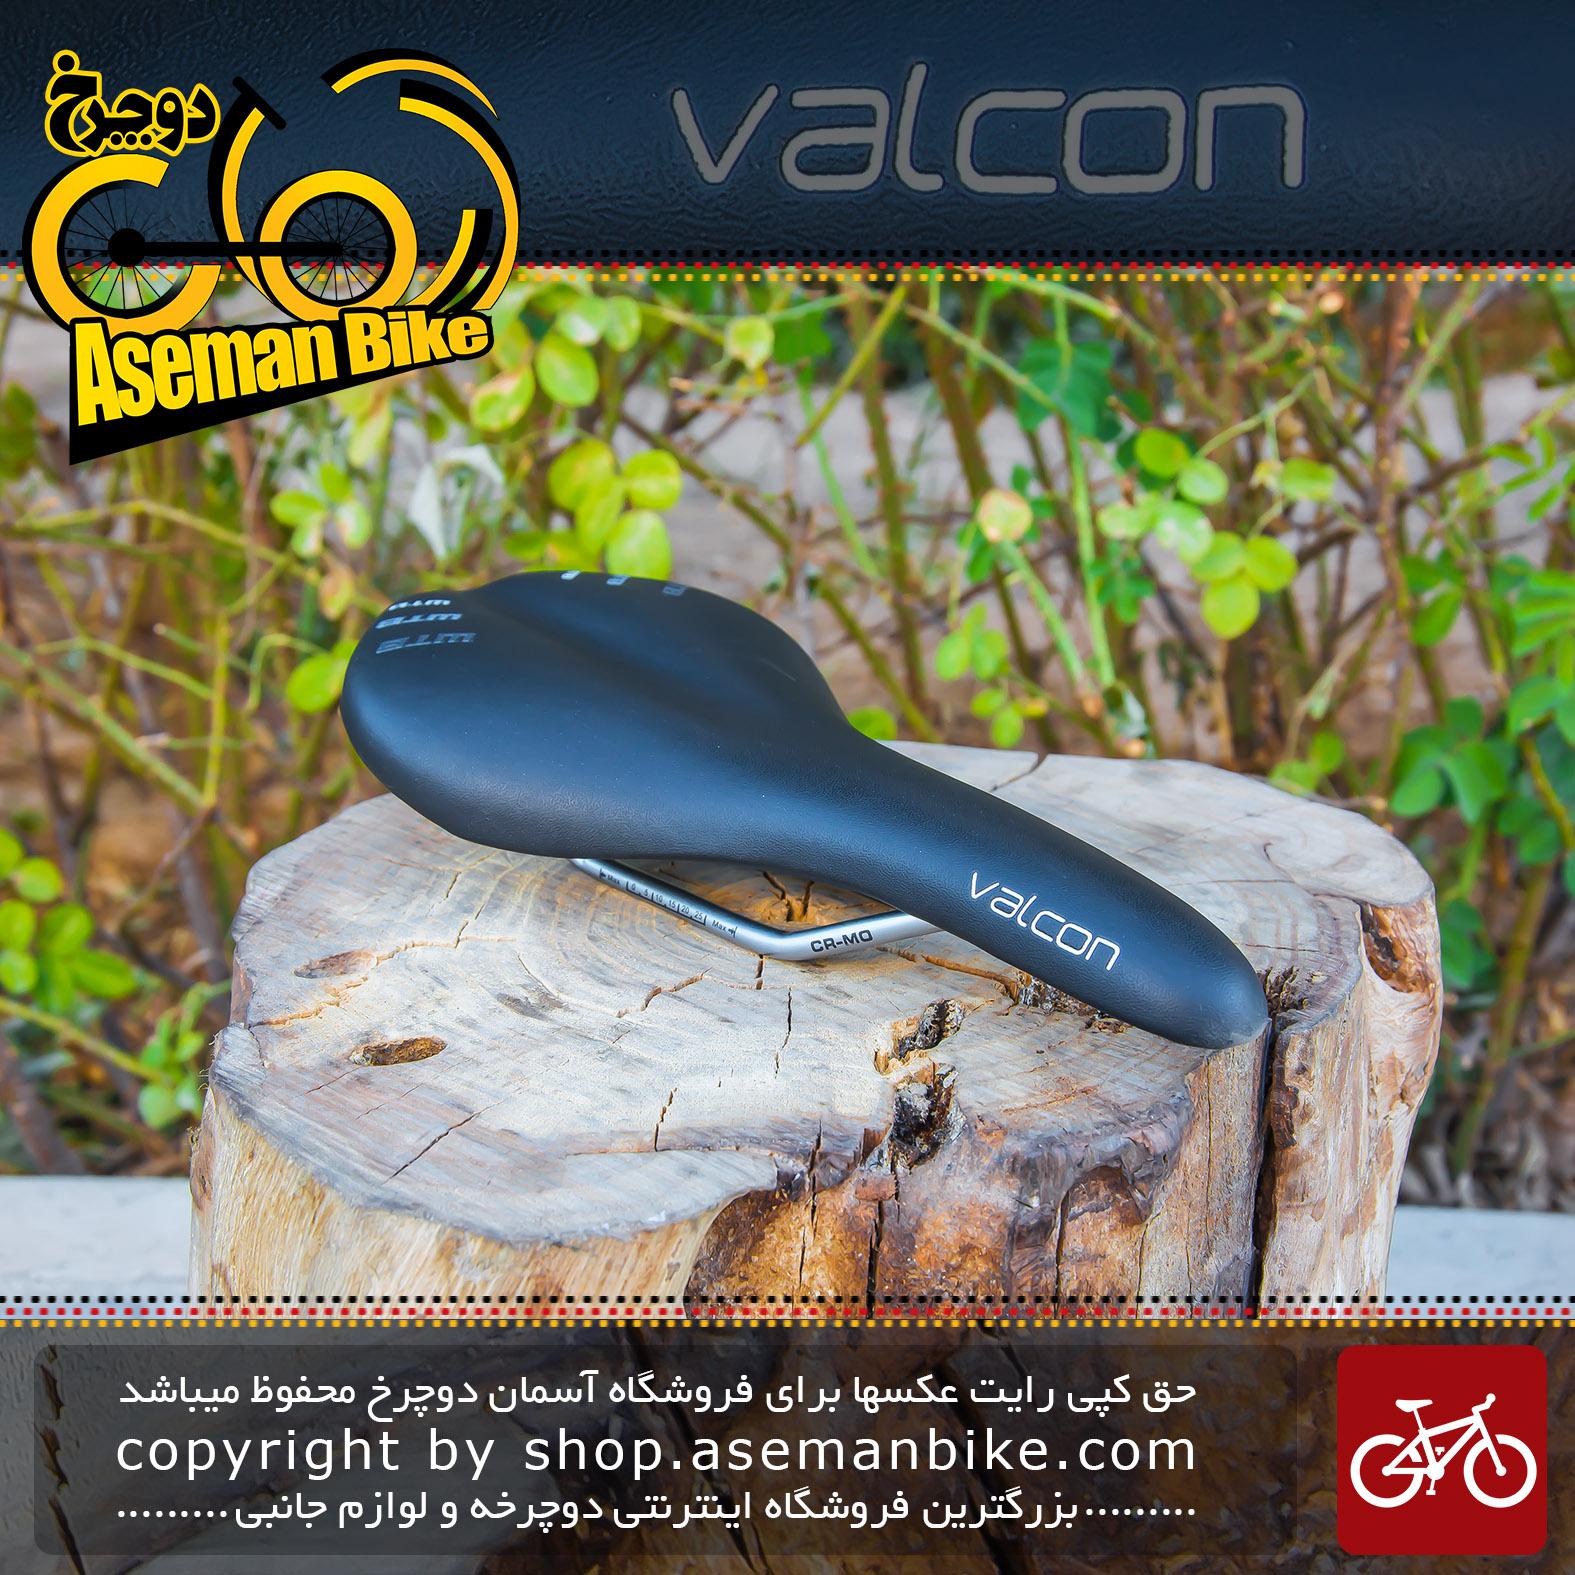 زین دوچرخه دبلیو تی بی مدل والکن WTB Saddle Valcon